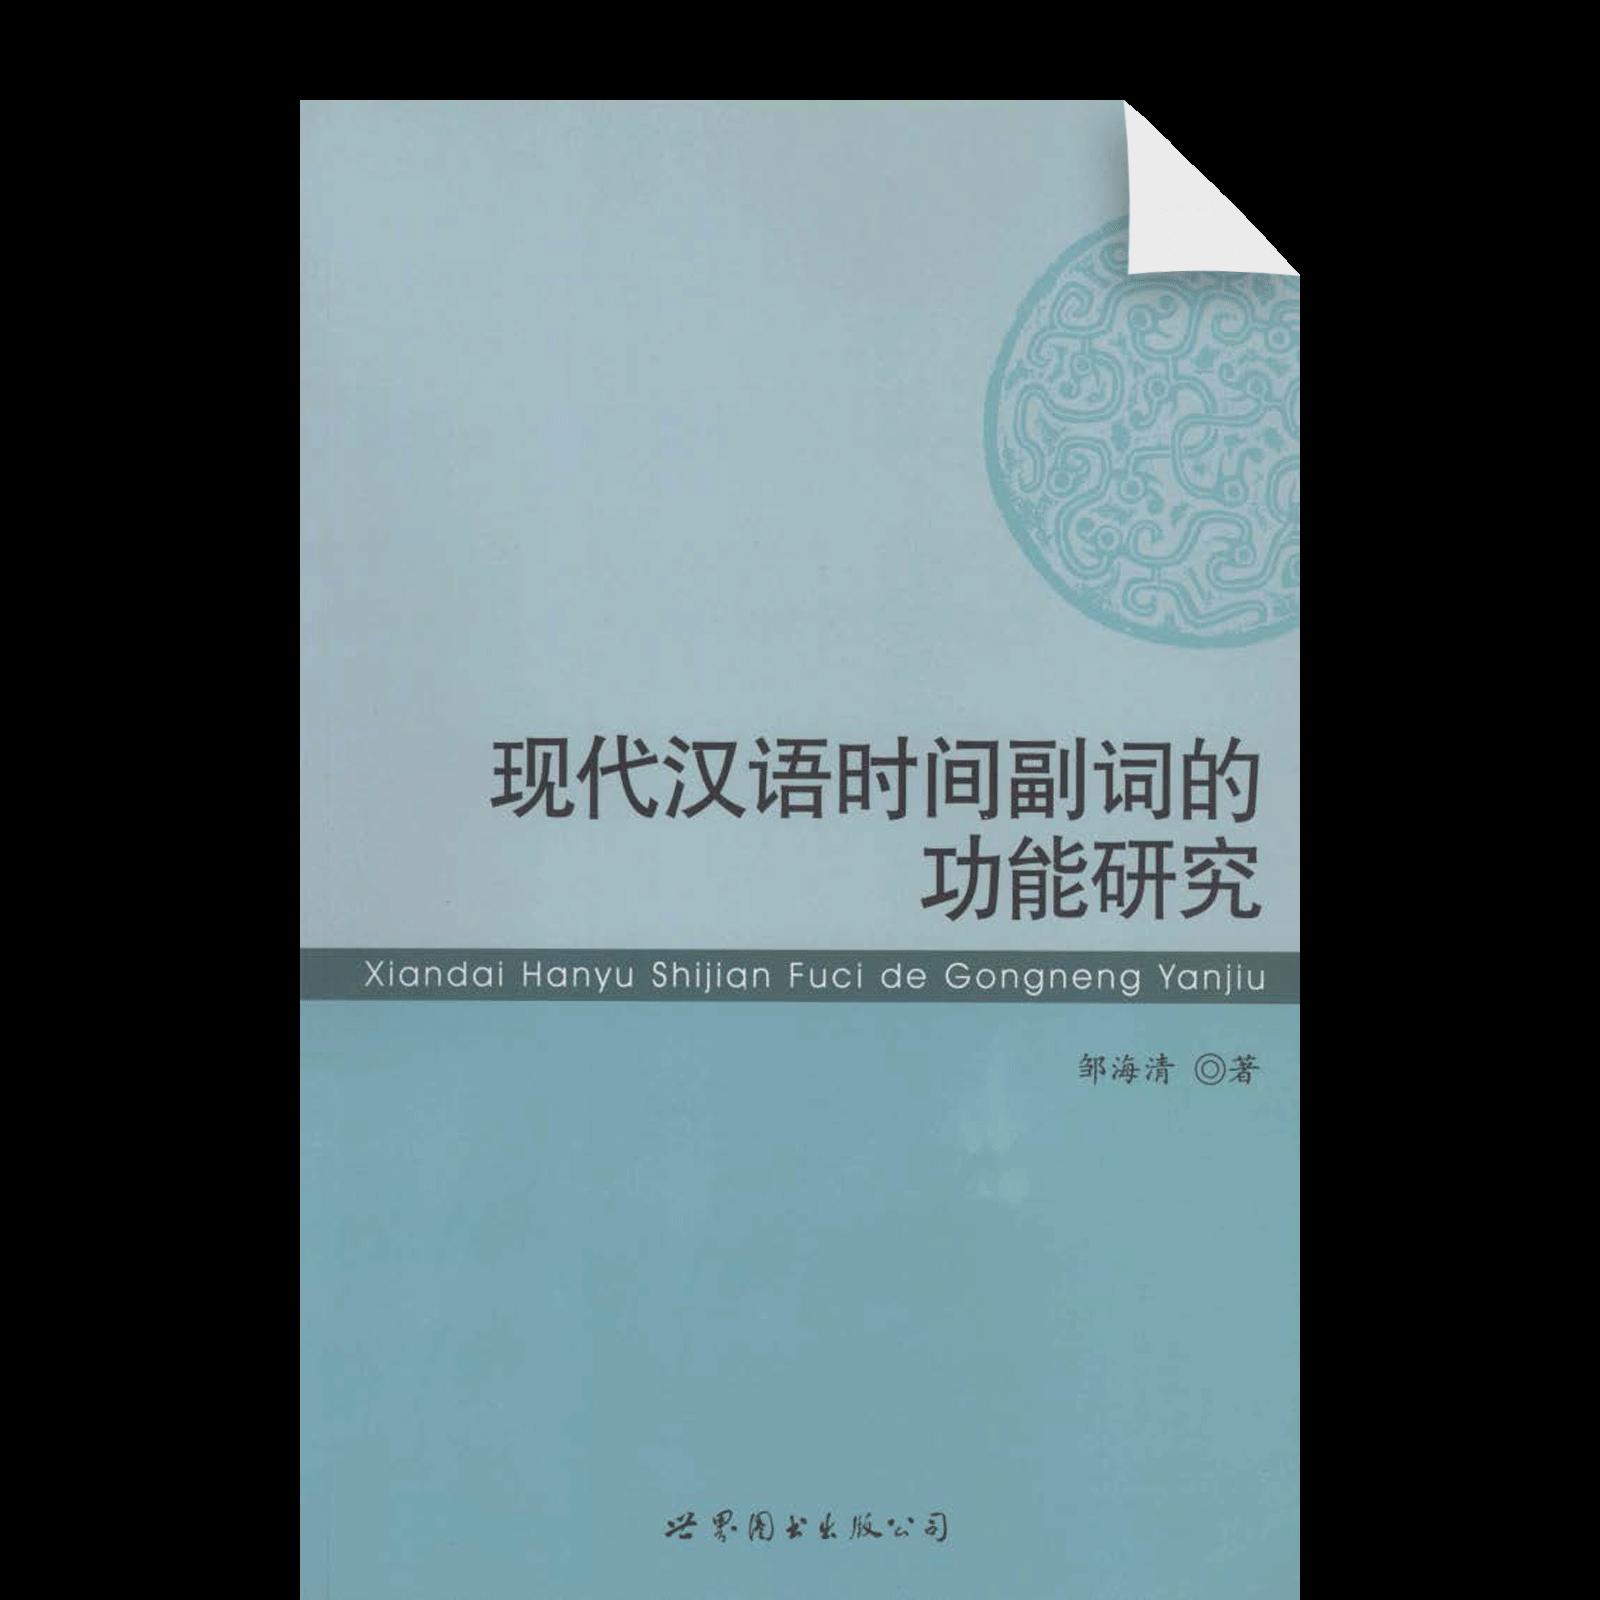 Xiandai Hanyu Shijian Fuci Gongneng Yanjiu